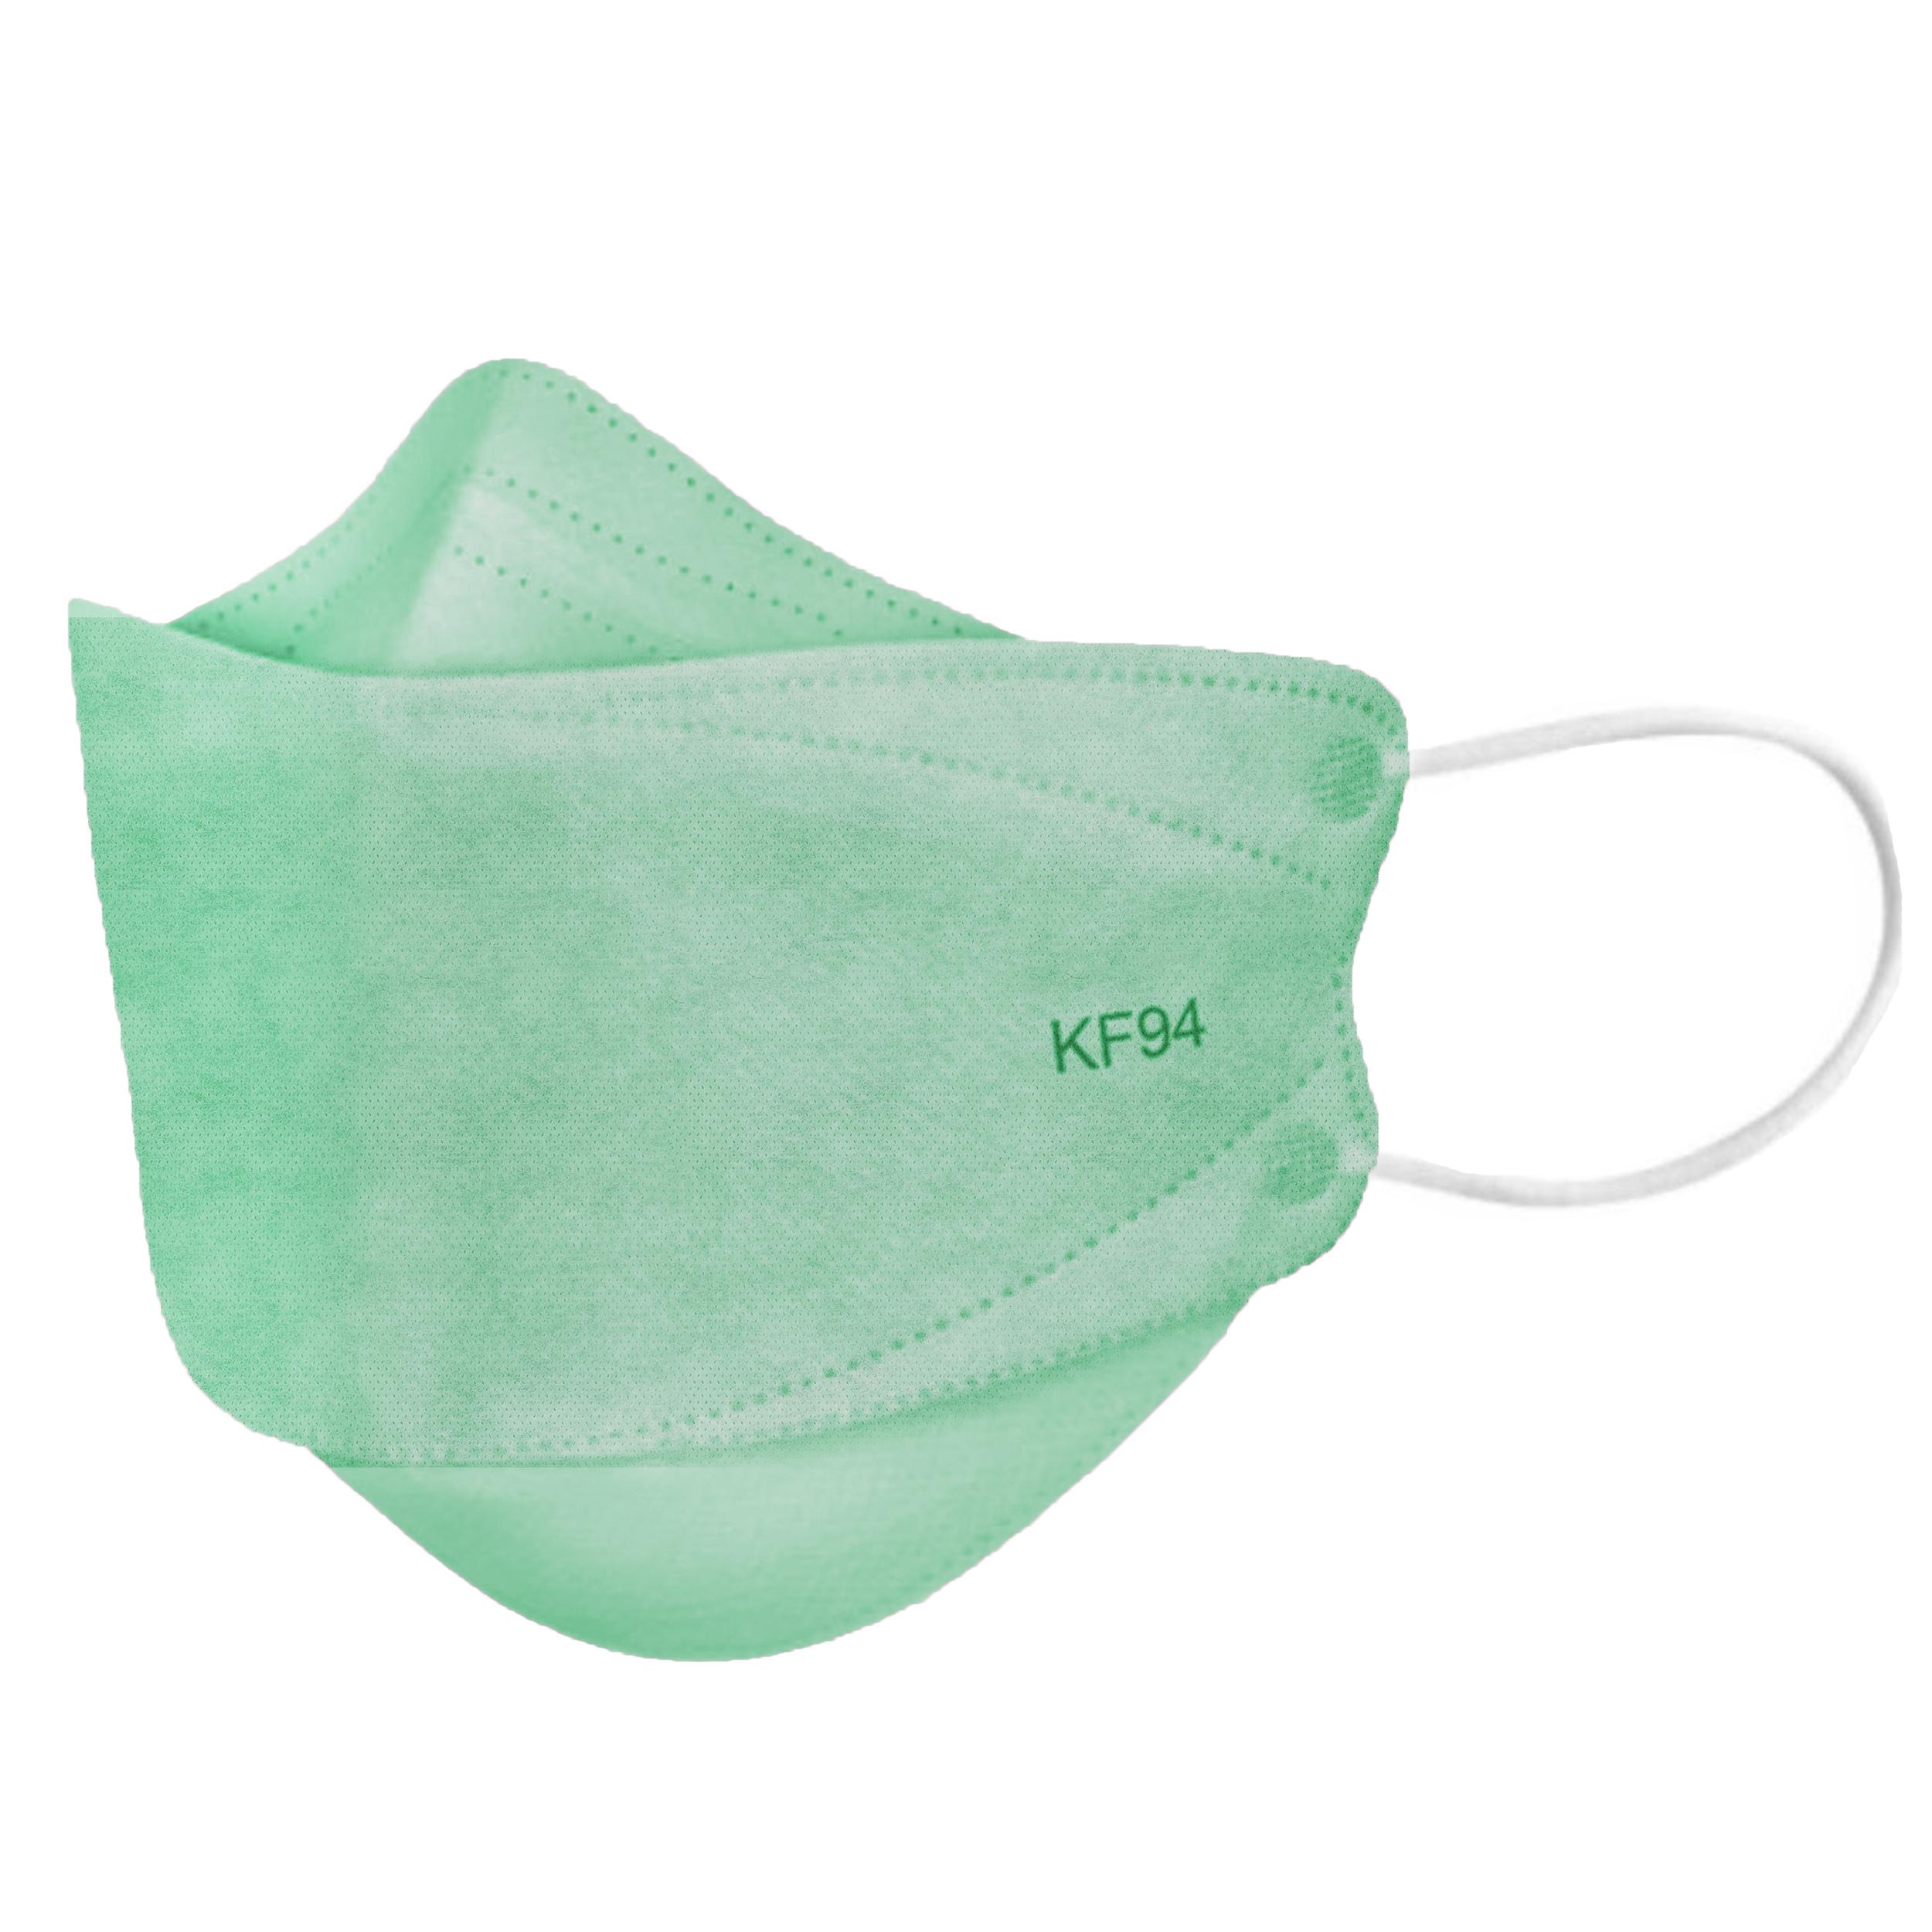 ماسک تنفسی کد 0062SA بسته 25 عددی